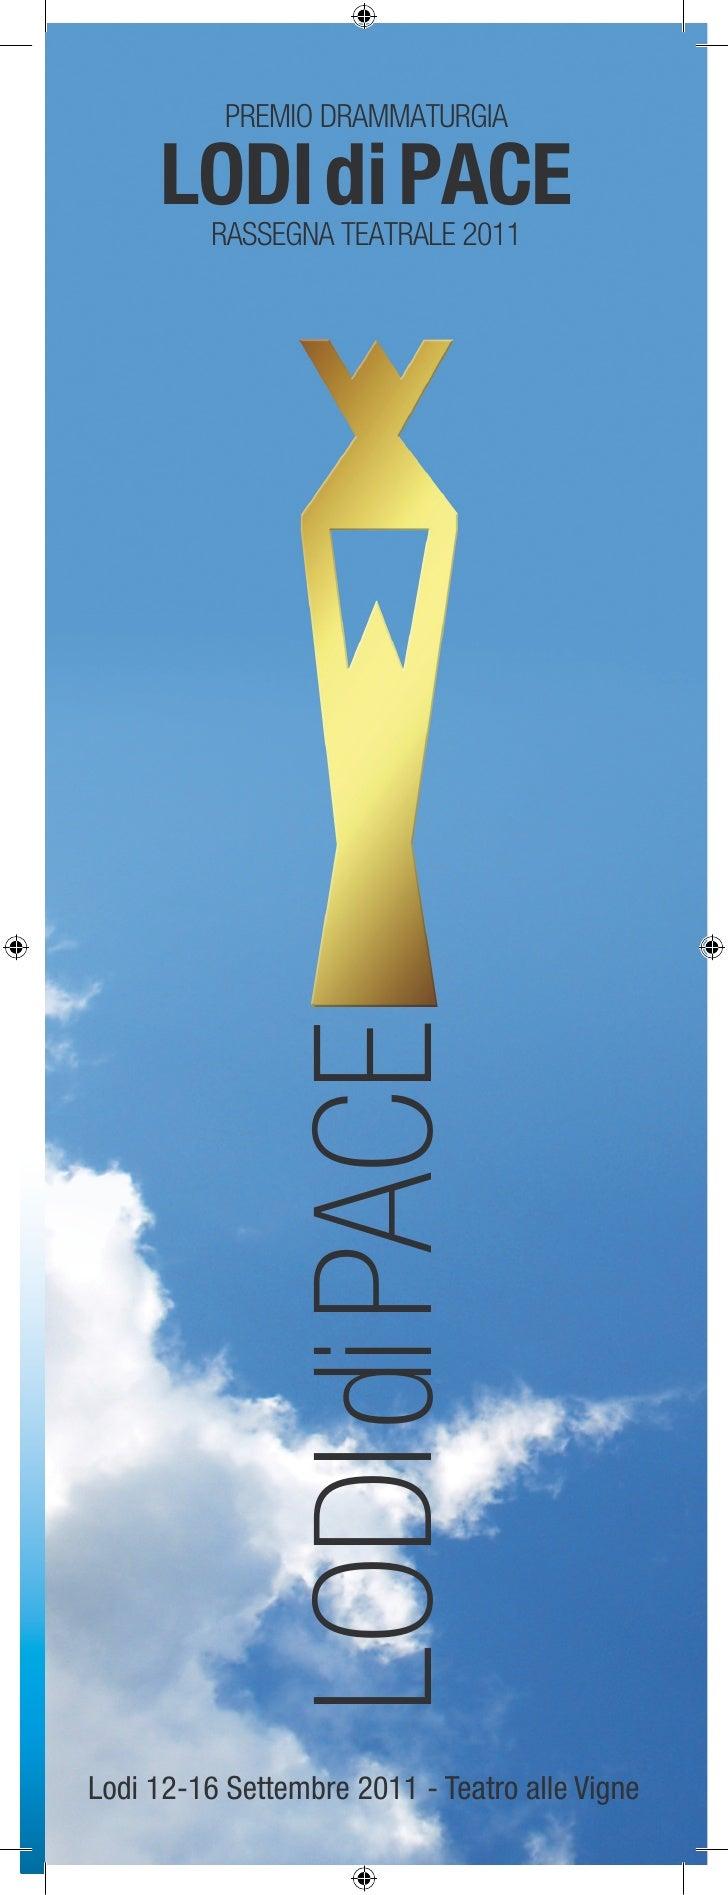 Lodi di pace